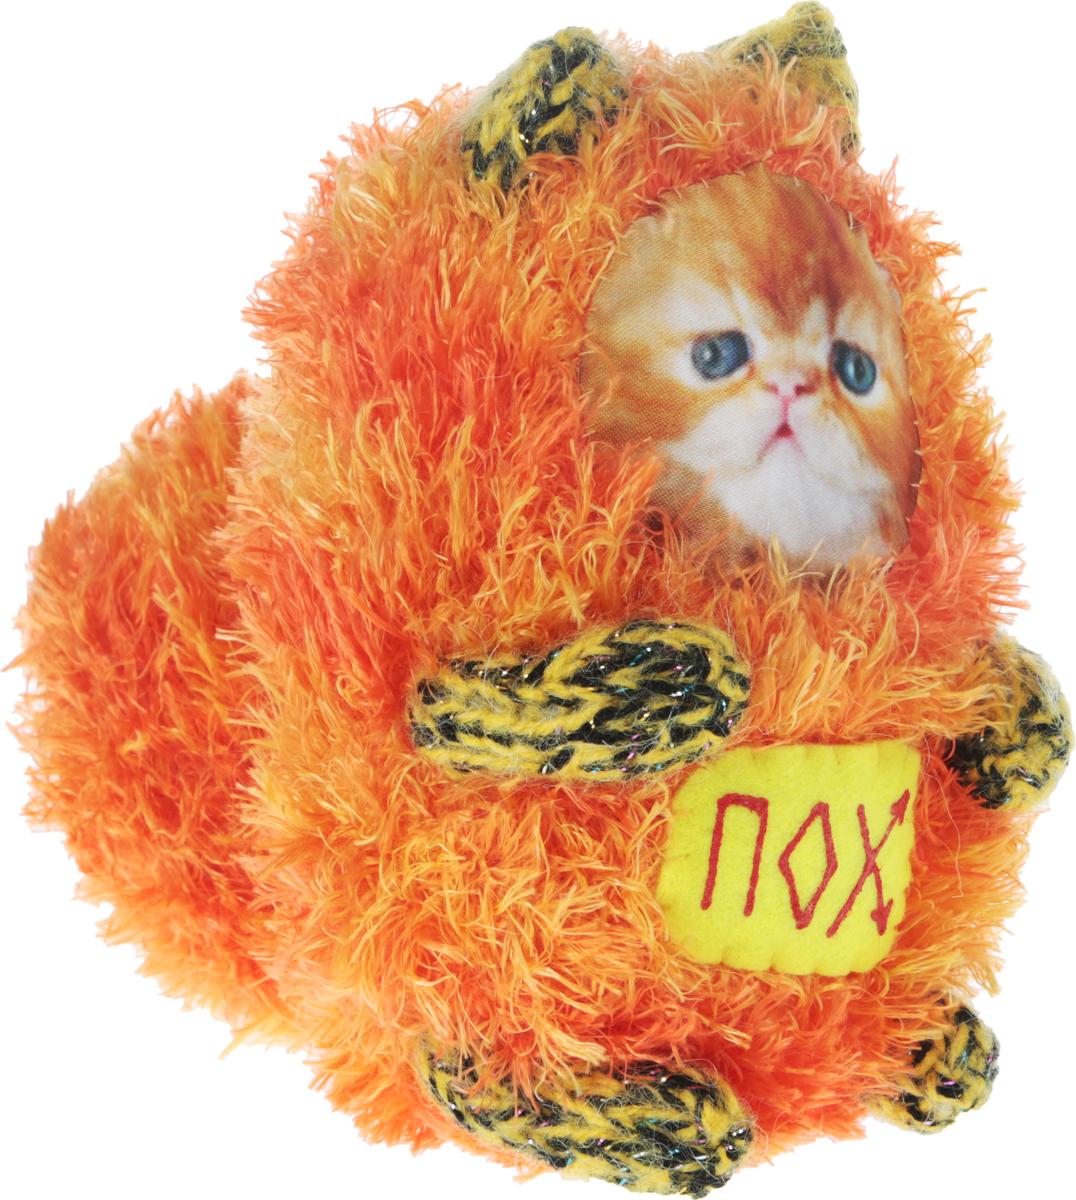 Мягкая игрушка Бюро находок Котик. ПОХ, цвет: оранжевый, 16 см мягкая игрушка бюро находок котик с деньгами ж цвет темно красный